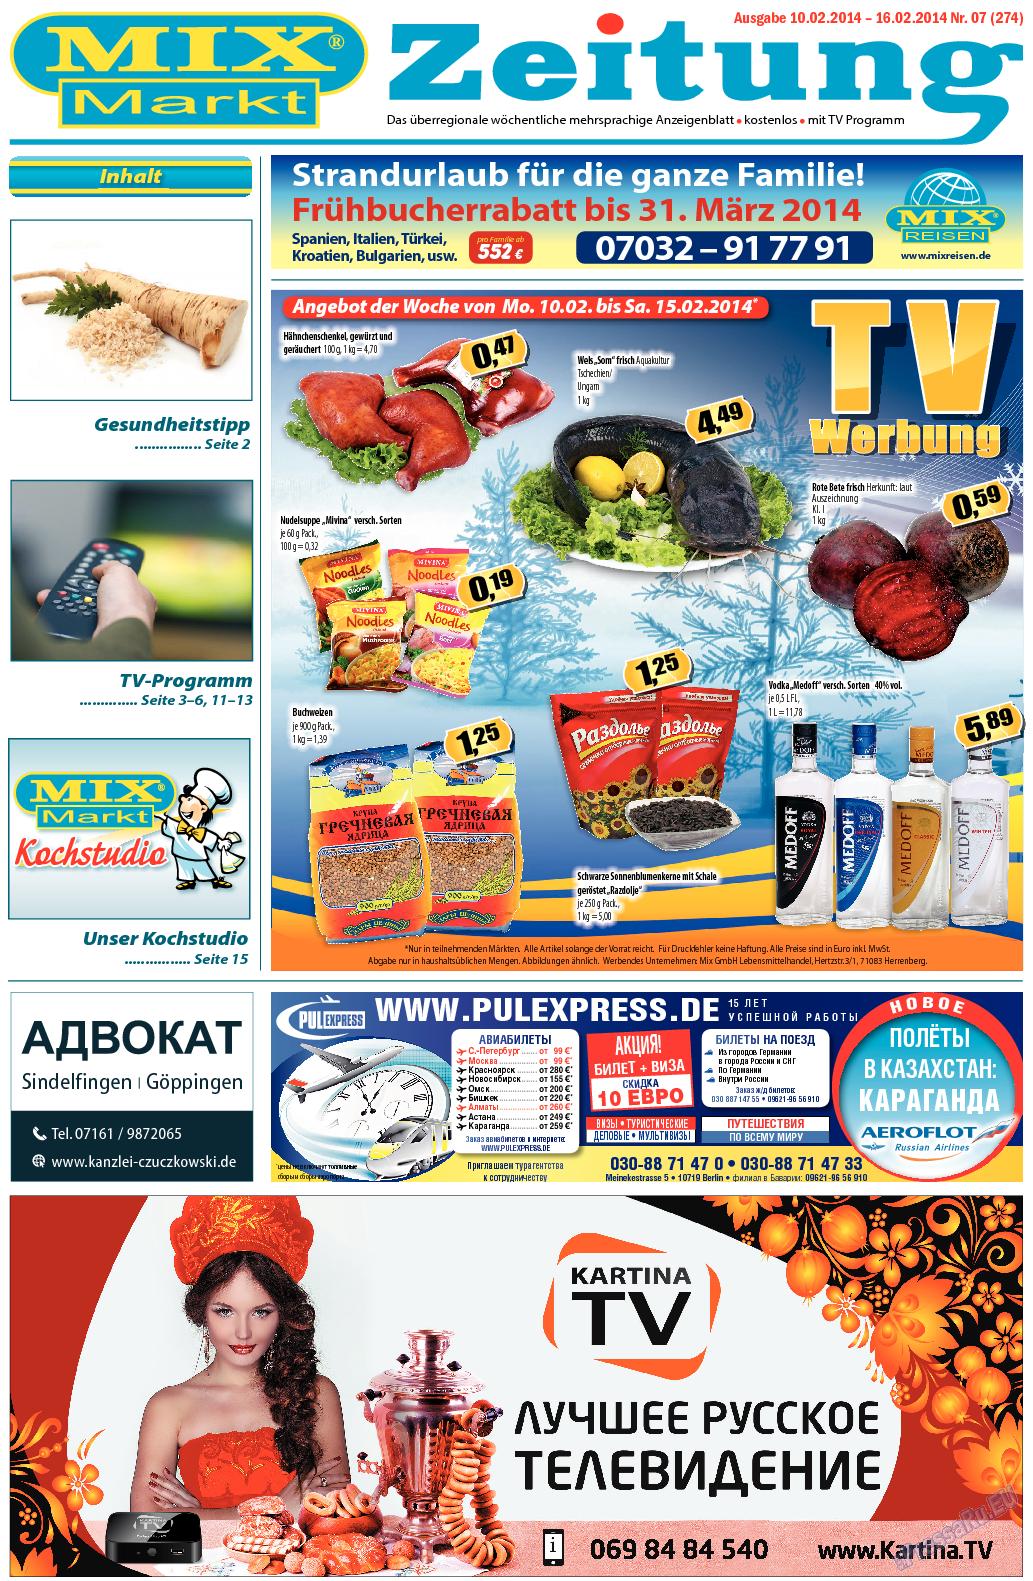 MIX-Markt Zeitung (газета). 2014 год, номер 7, стр. 1